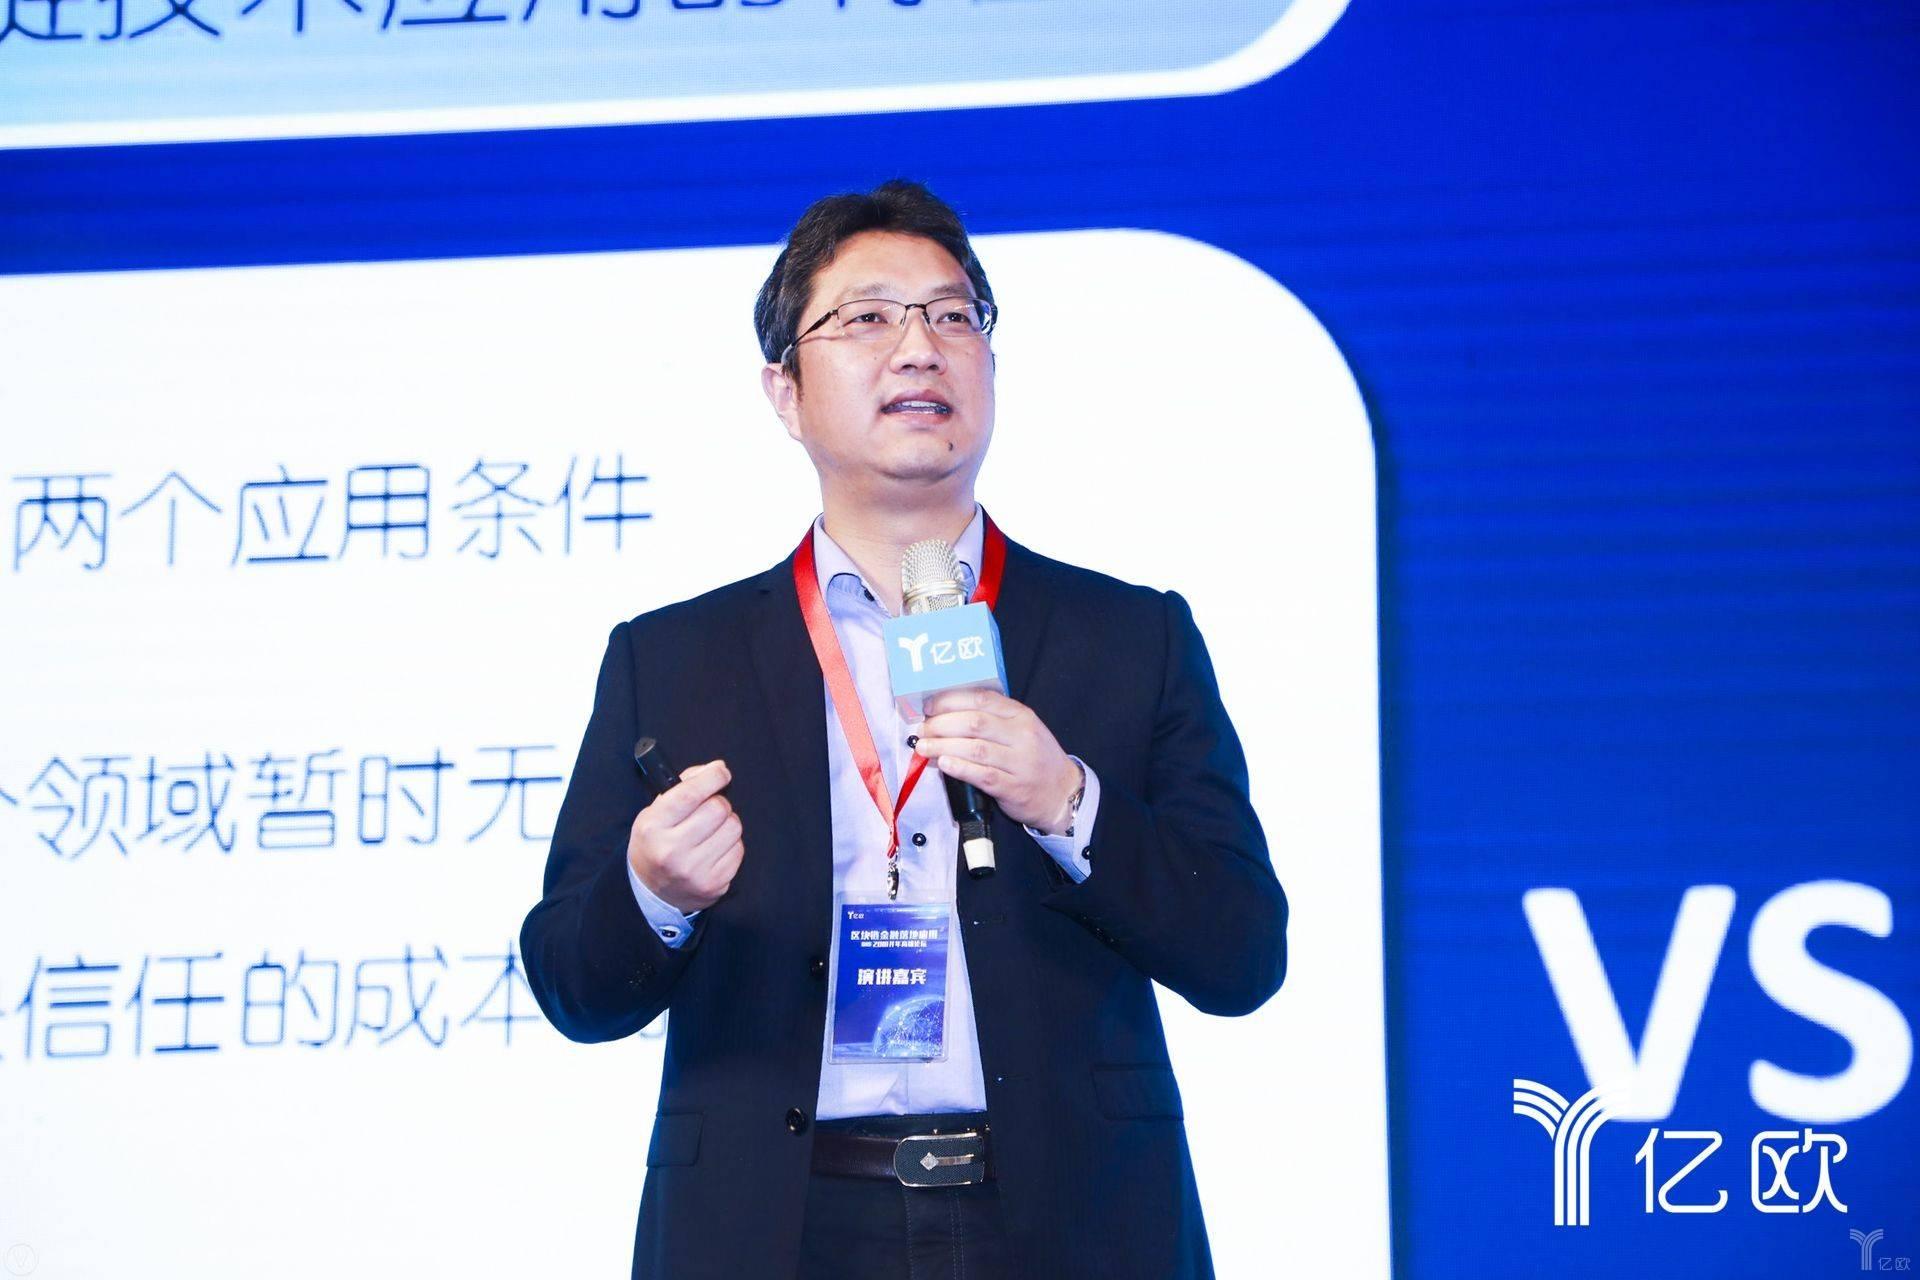 中润普达杜小军:区块链技术从根本上解决非标资产流通和交易